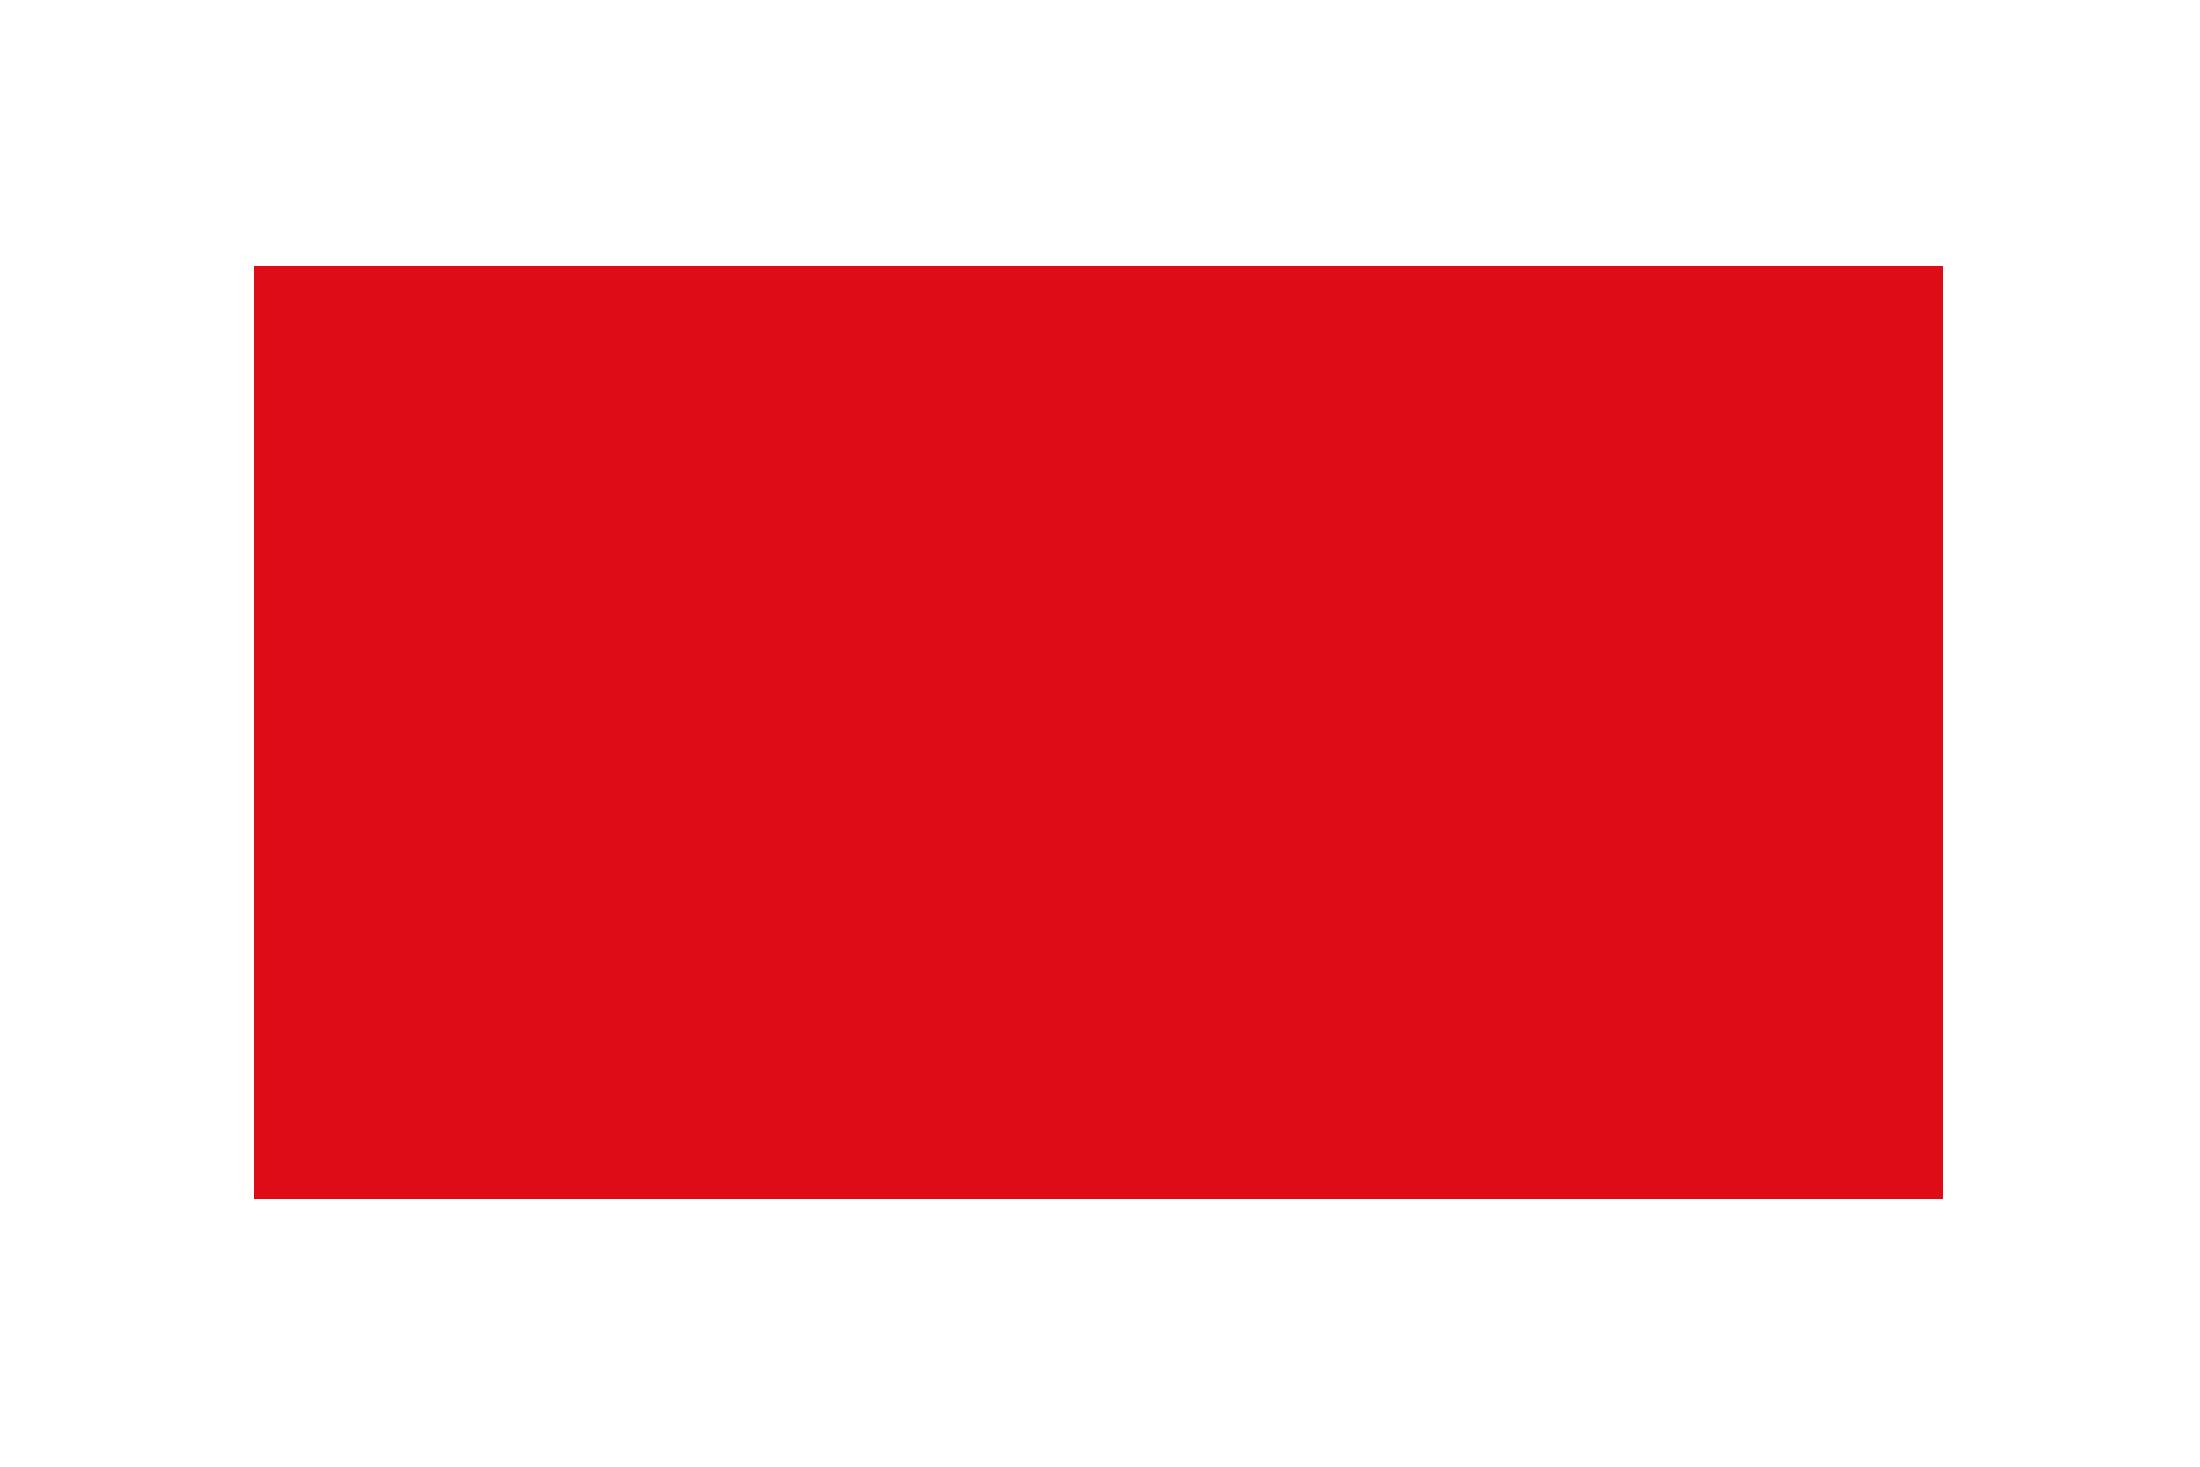 Grunge fake label PSD